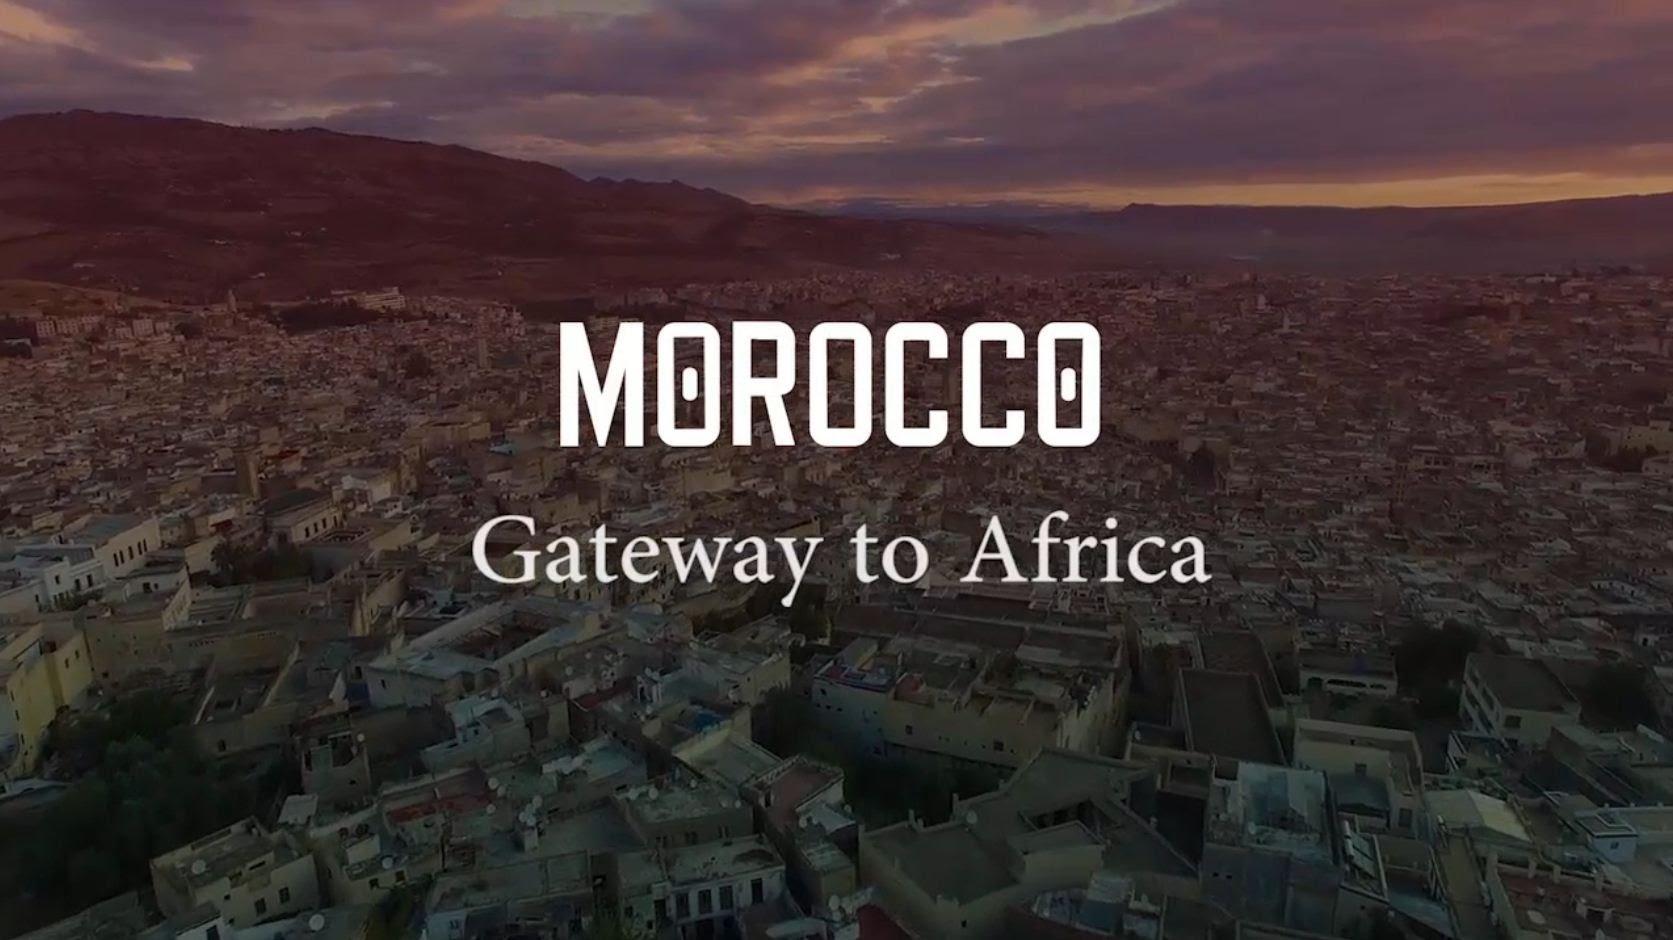 وثائقي رائع عن المغرب من إنتاج شركة أمريكية بشراكة مع وزارة الإتصال